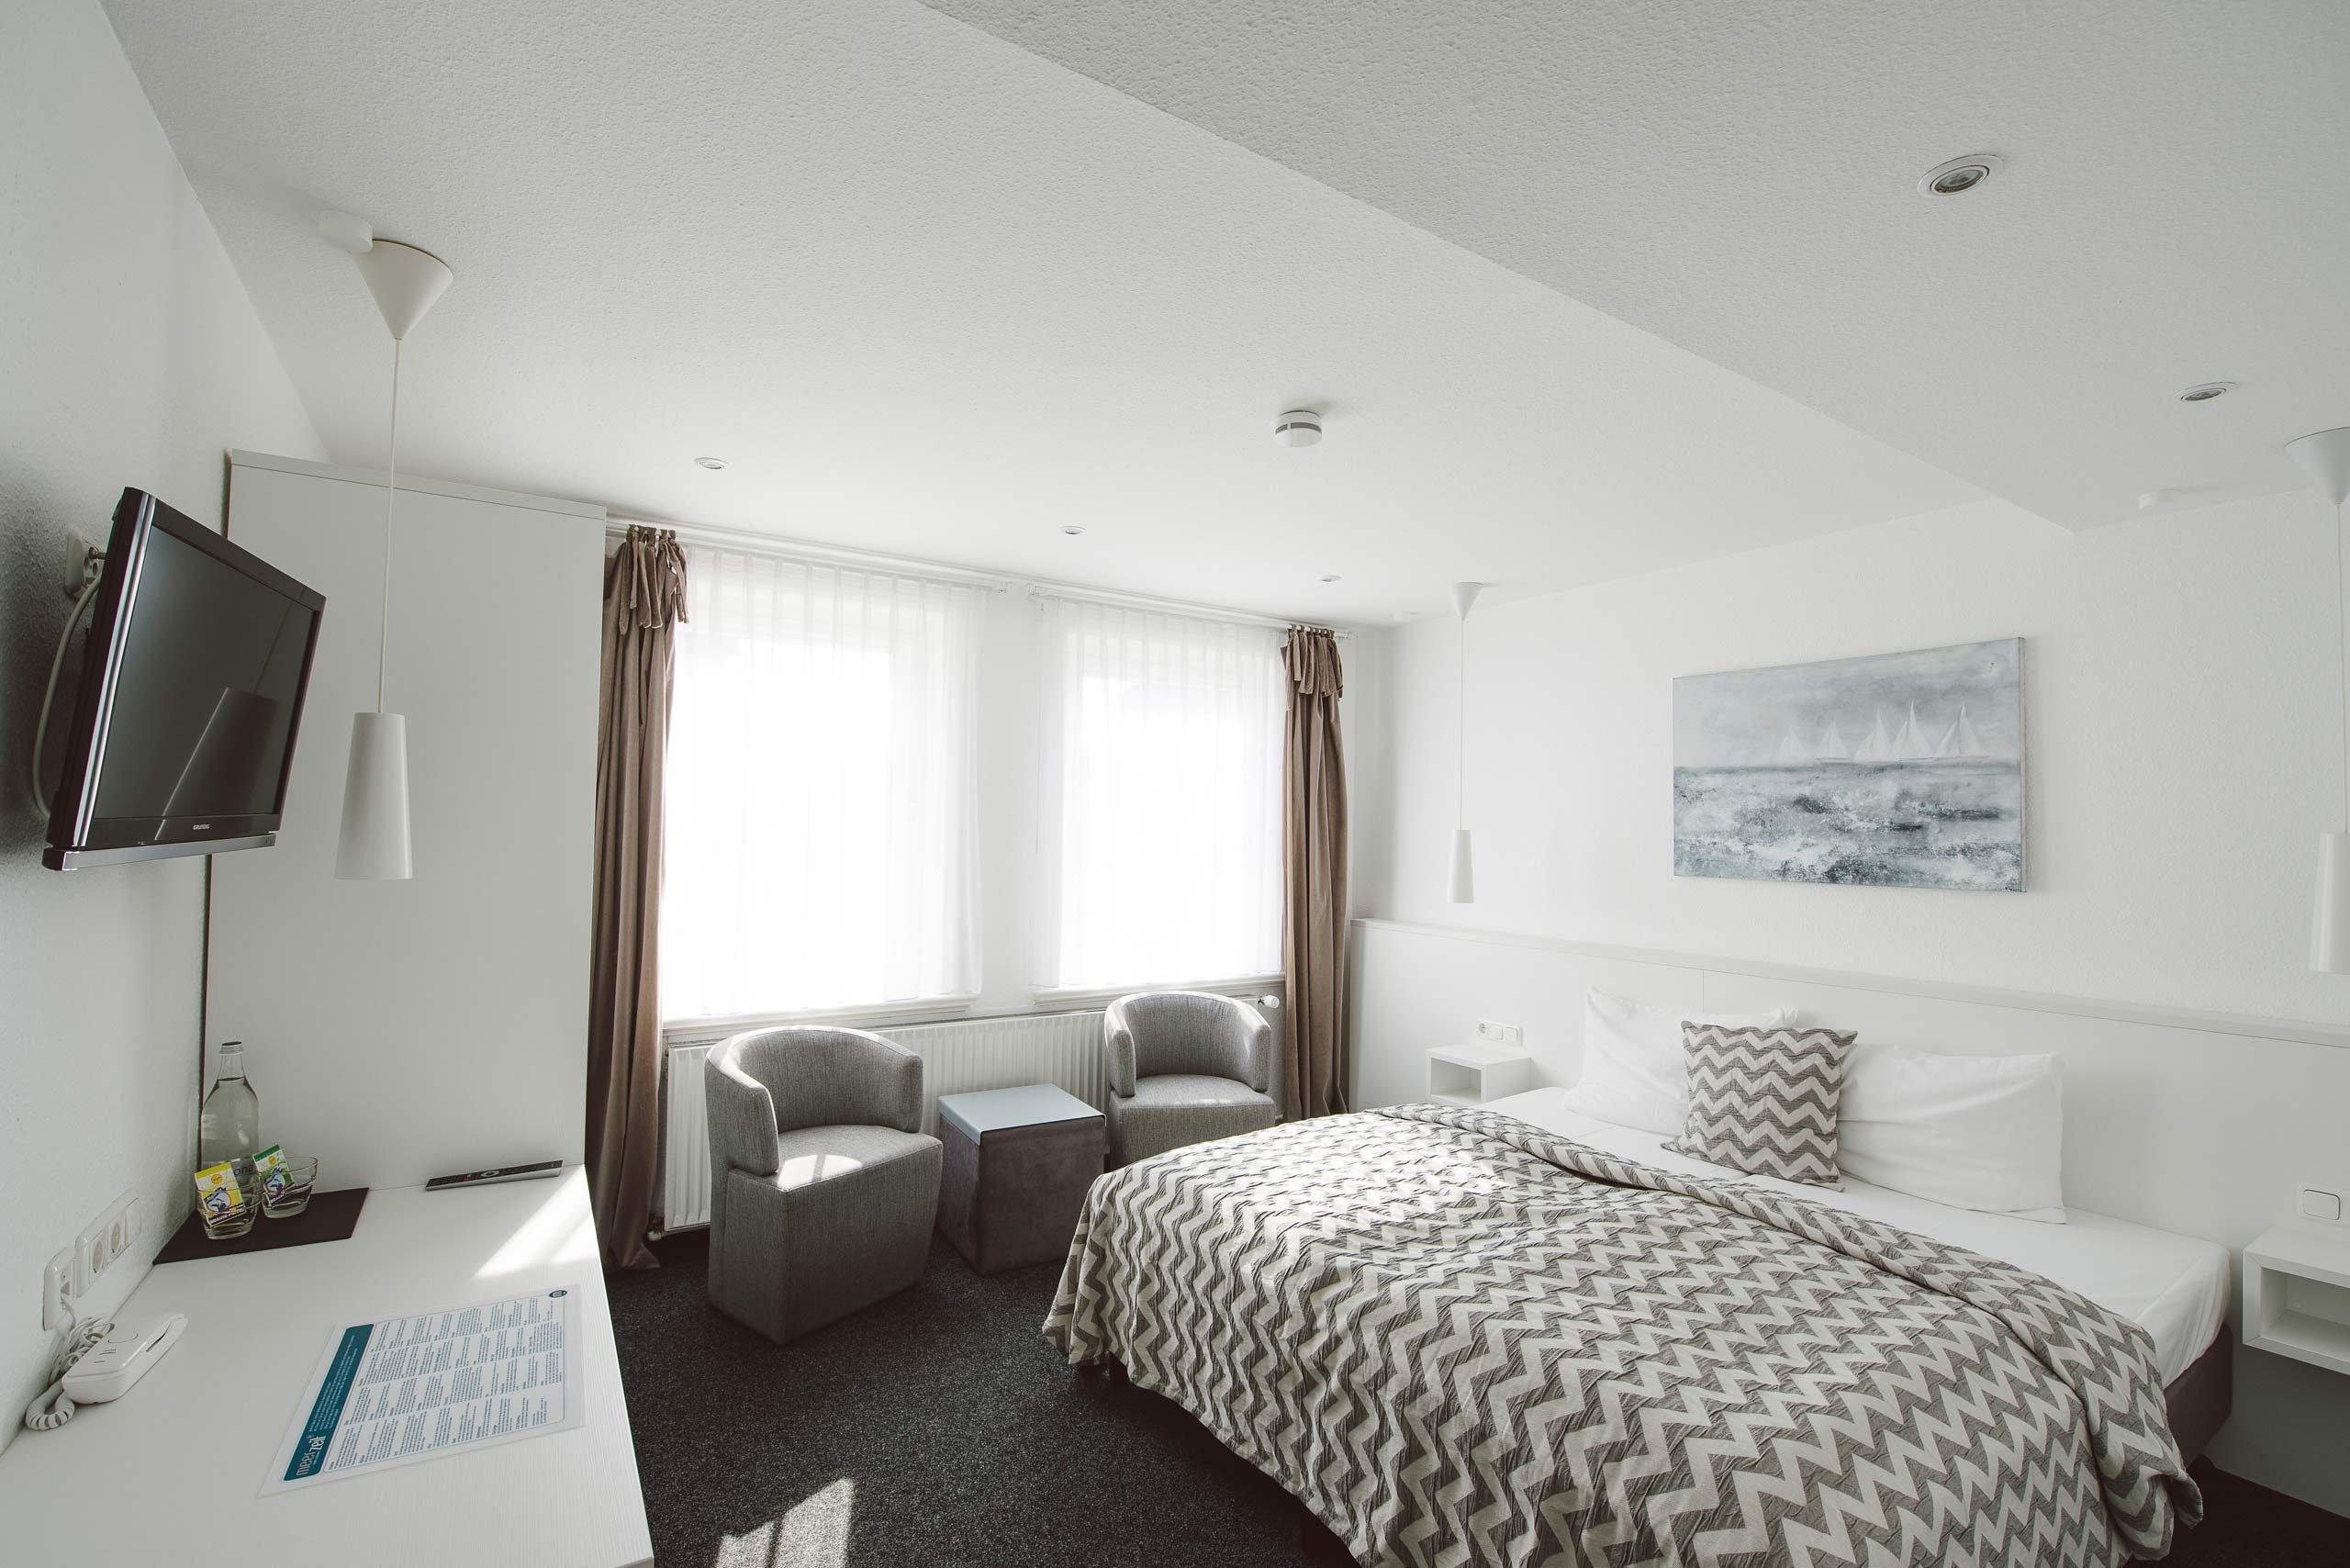 M-Zimmer: Die großzügigen Doppelzimmer im meerzeit Hotel in Cuxhaven